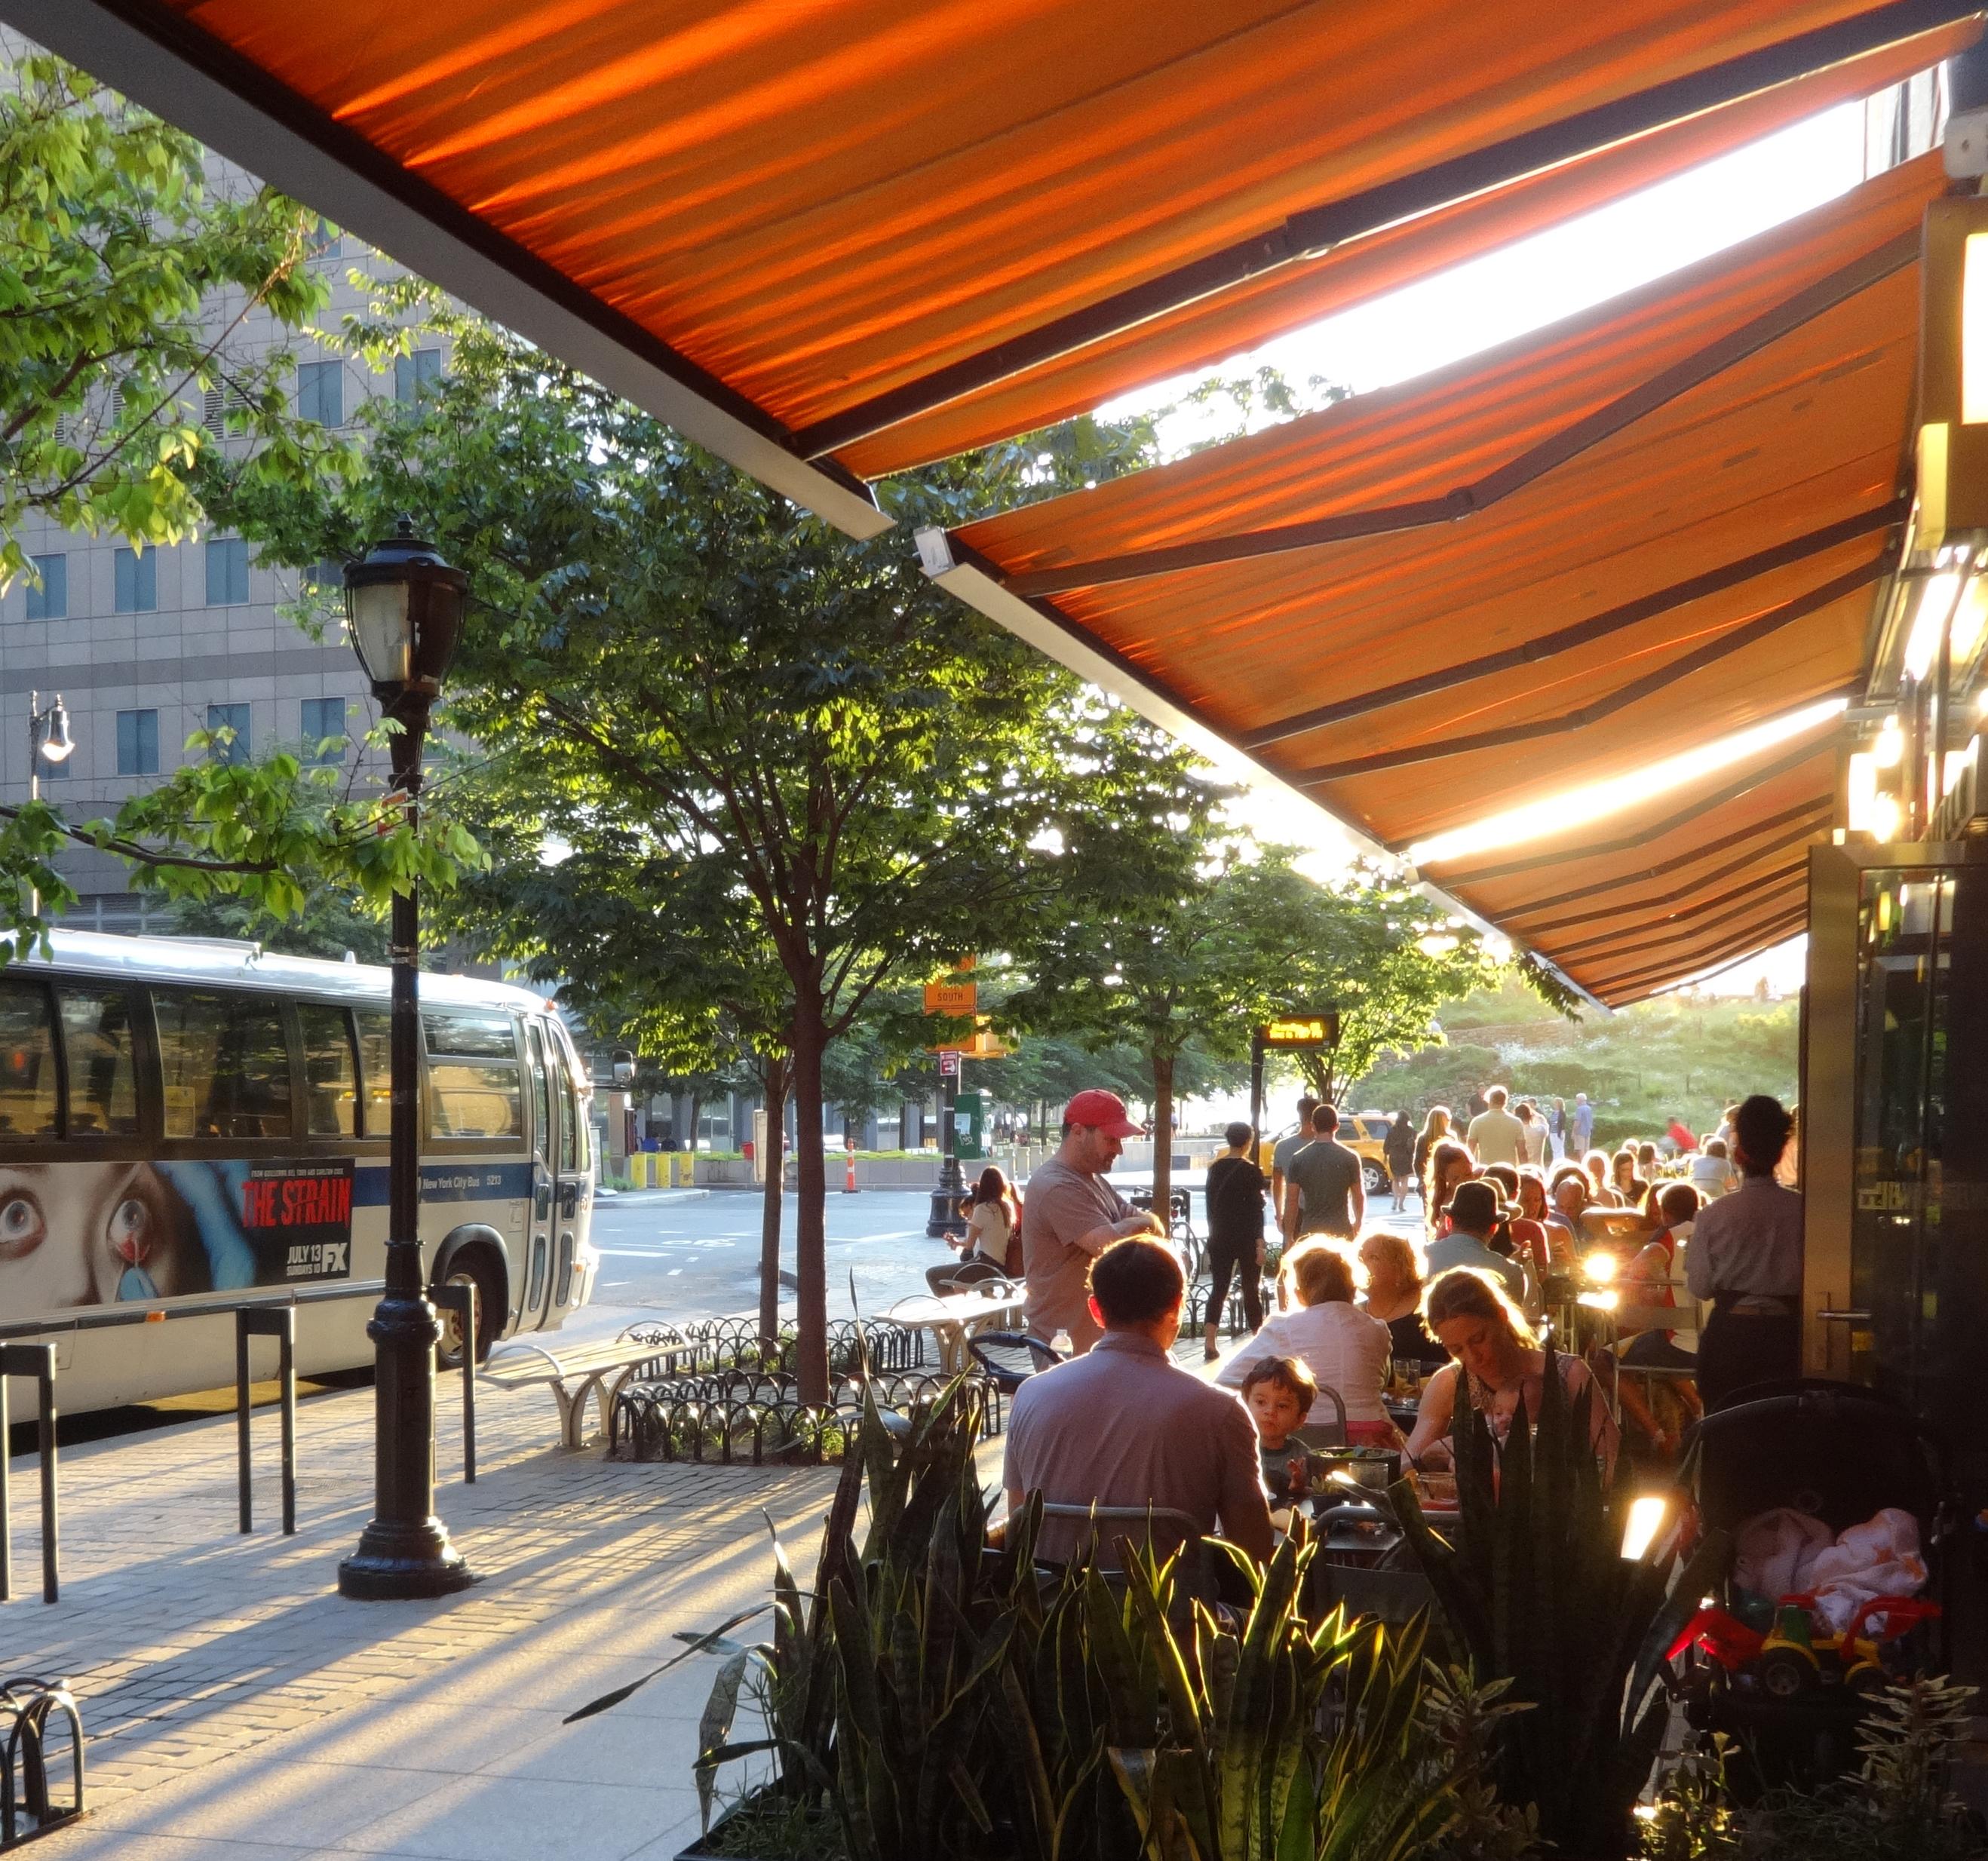 El Vez outdoor seating sunset 6-21-2014 summer solstice